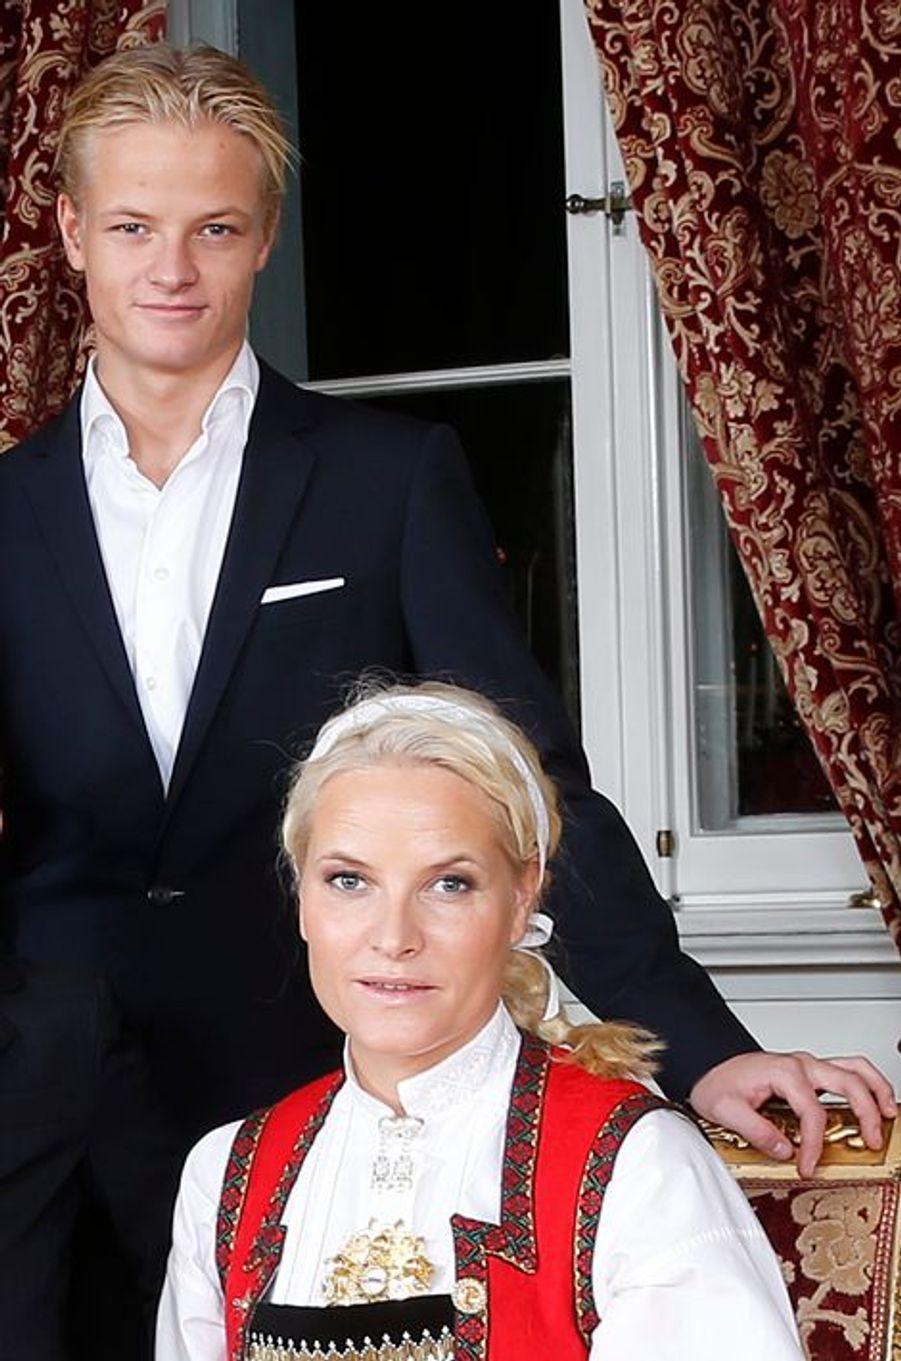 La princesse Mette-Marit avec son fils Marius au Palais royal d'Oslo, le 17 décembre 2014